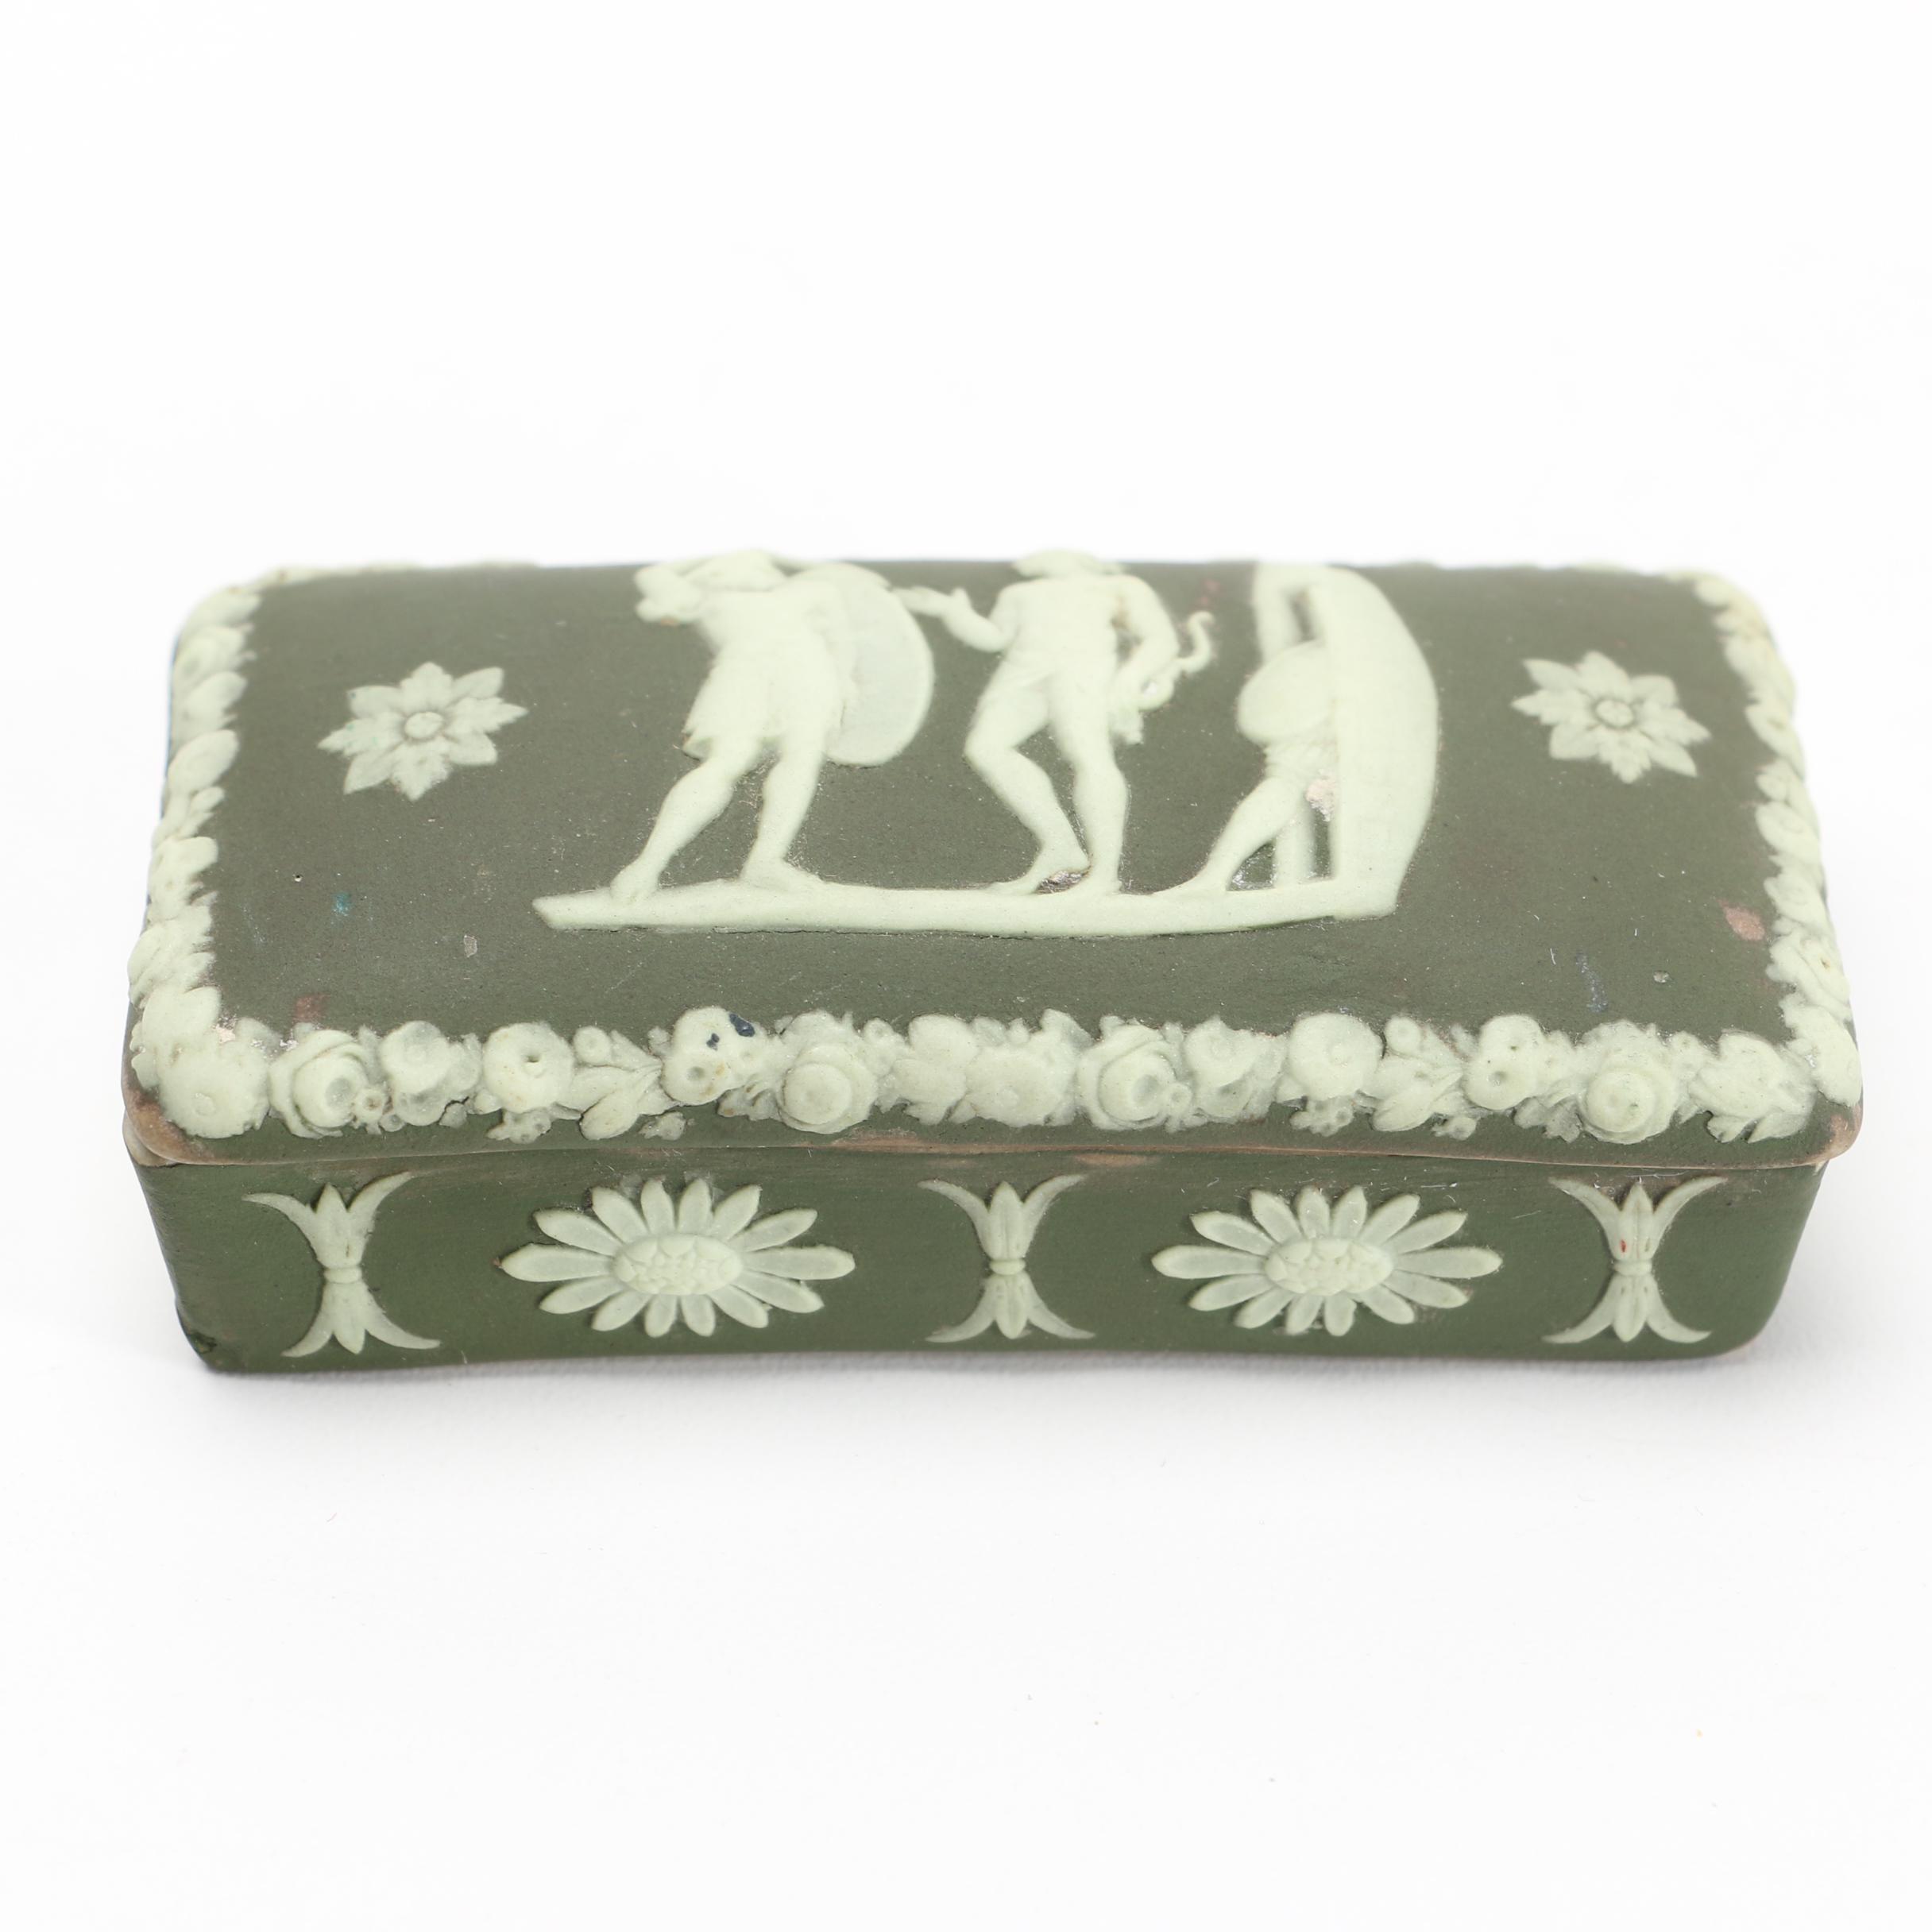 Wedgwood Green Jasperware Trinket Box